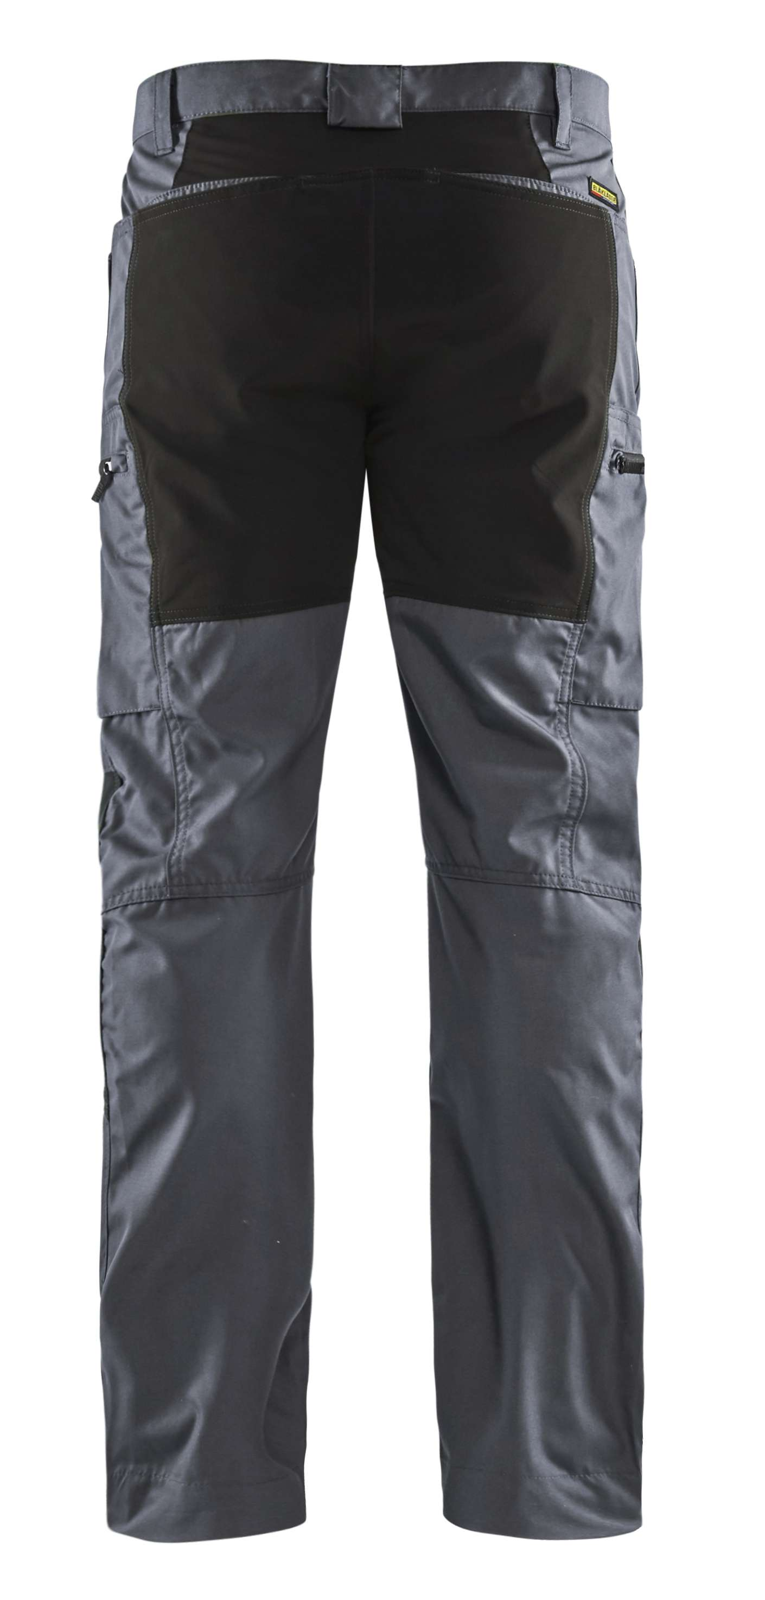 Blaklader Werkbroeken 14591845 met Stretch grijs-zwart(9499)